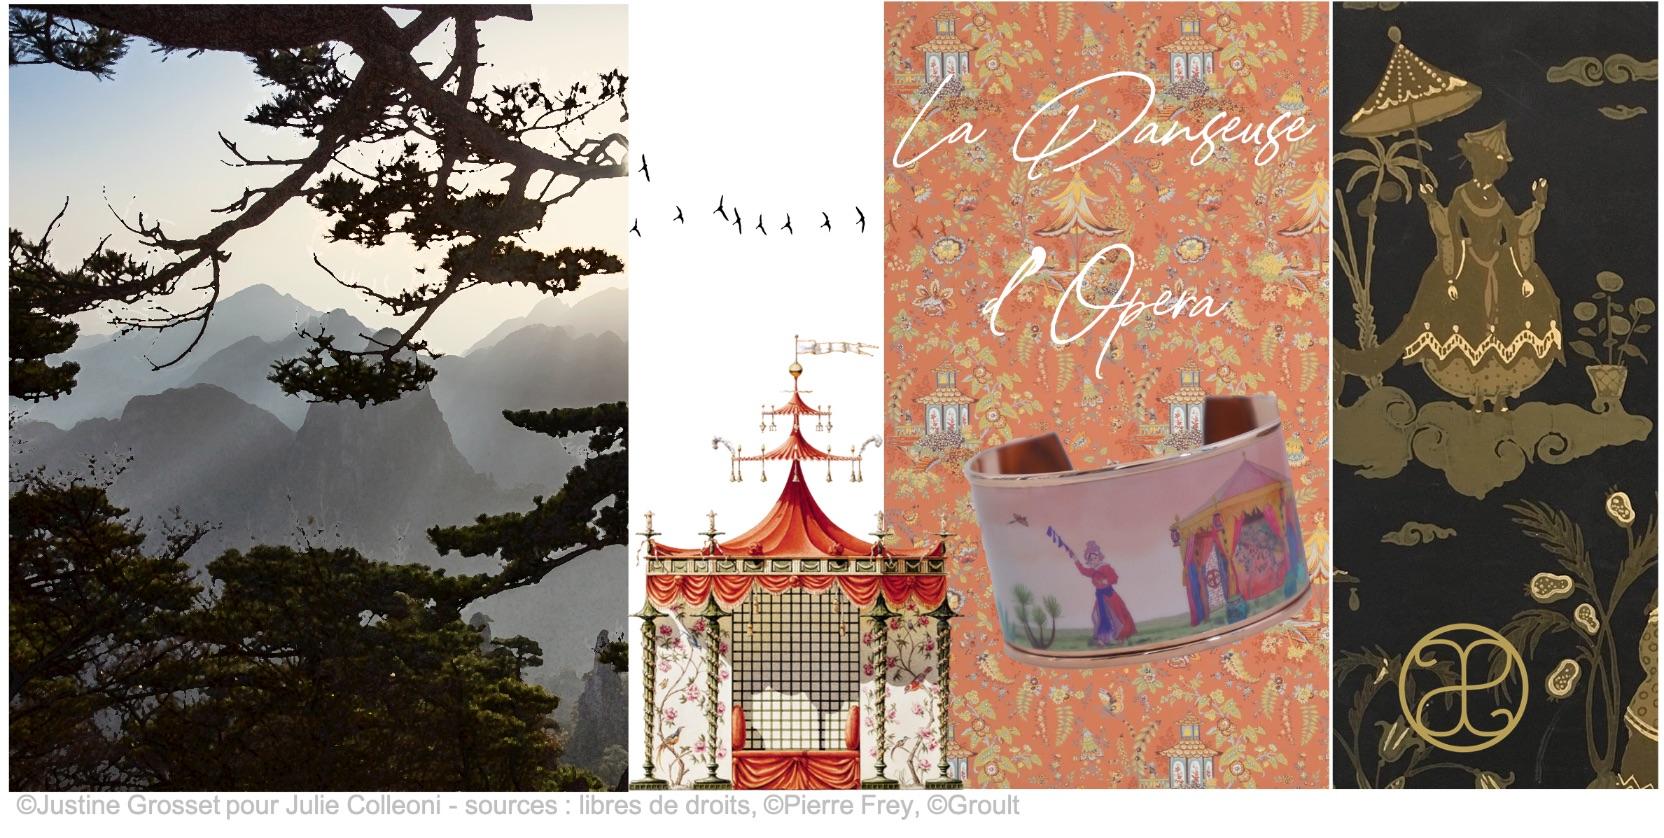 Inspirations_La danseuse d'Opéra